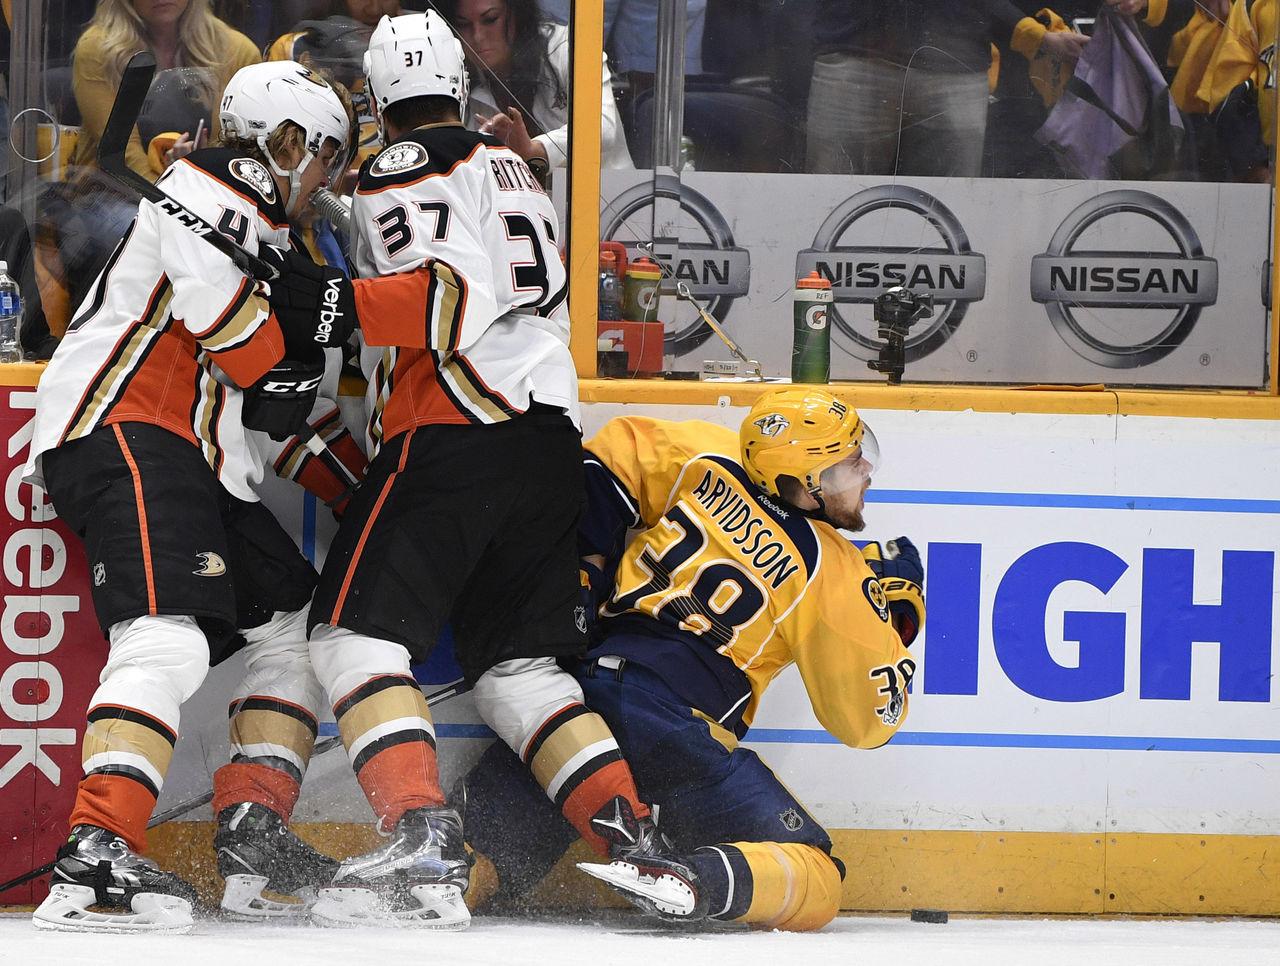 Cropped 2017 05 23t005246z 685351870 nocid rtrmadp 3 nhl stanley cup playoffs anaheim ducks at nashville predators